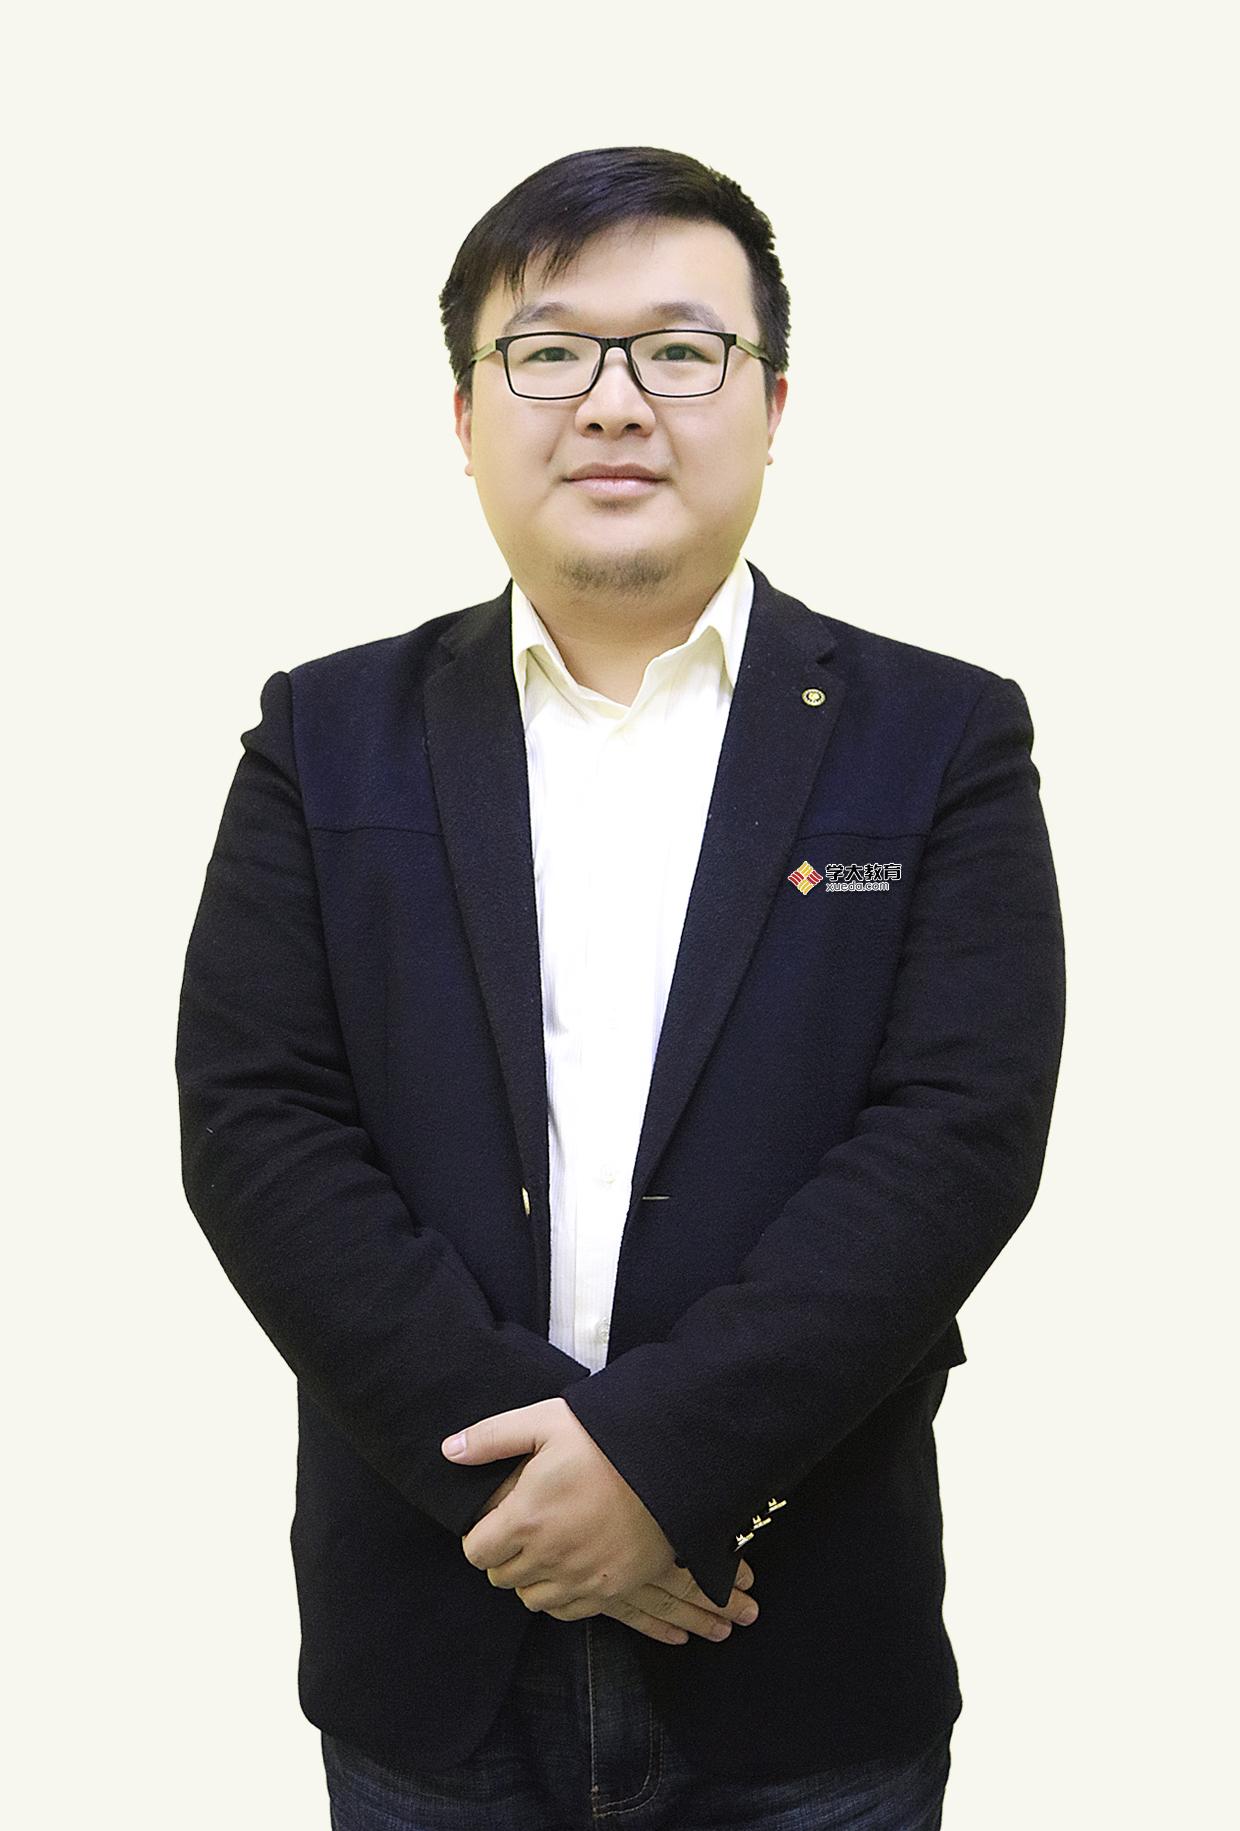 陈波—骨干教师(数学)